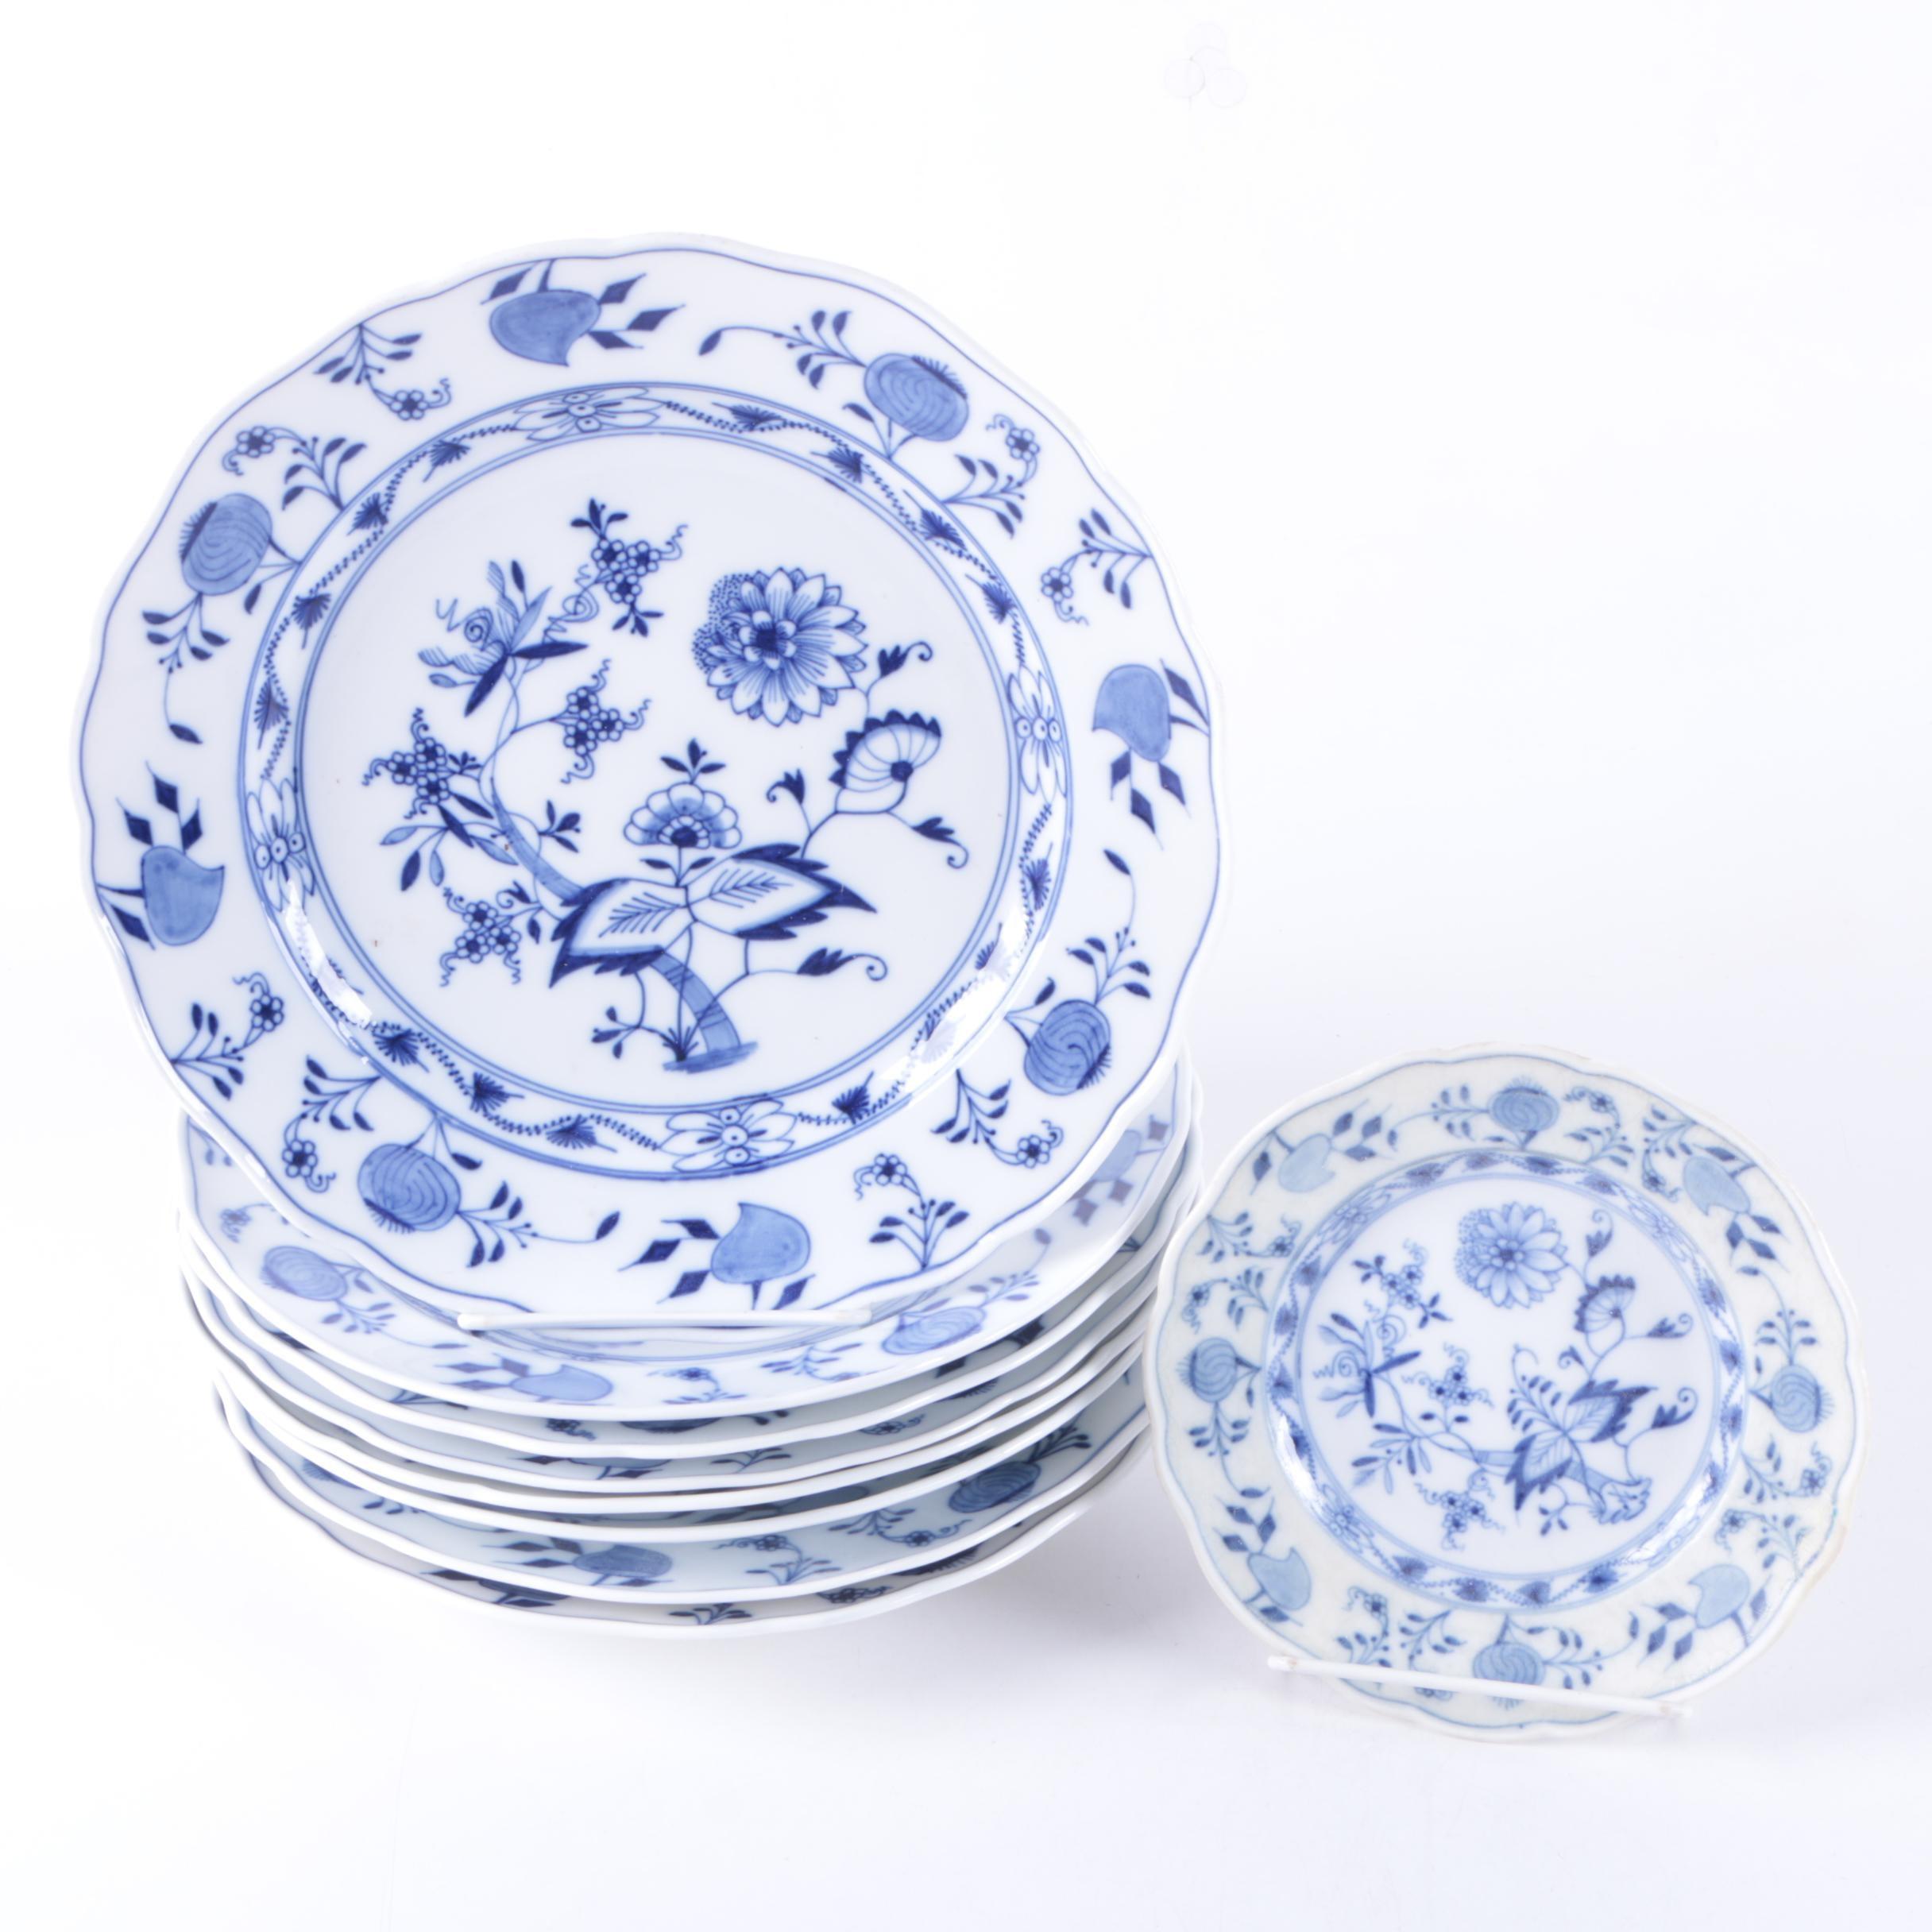 Meissen \ Blue Onion\  Porcelain Tableware ...  sc 1 st  EBTH.com & Meissen \